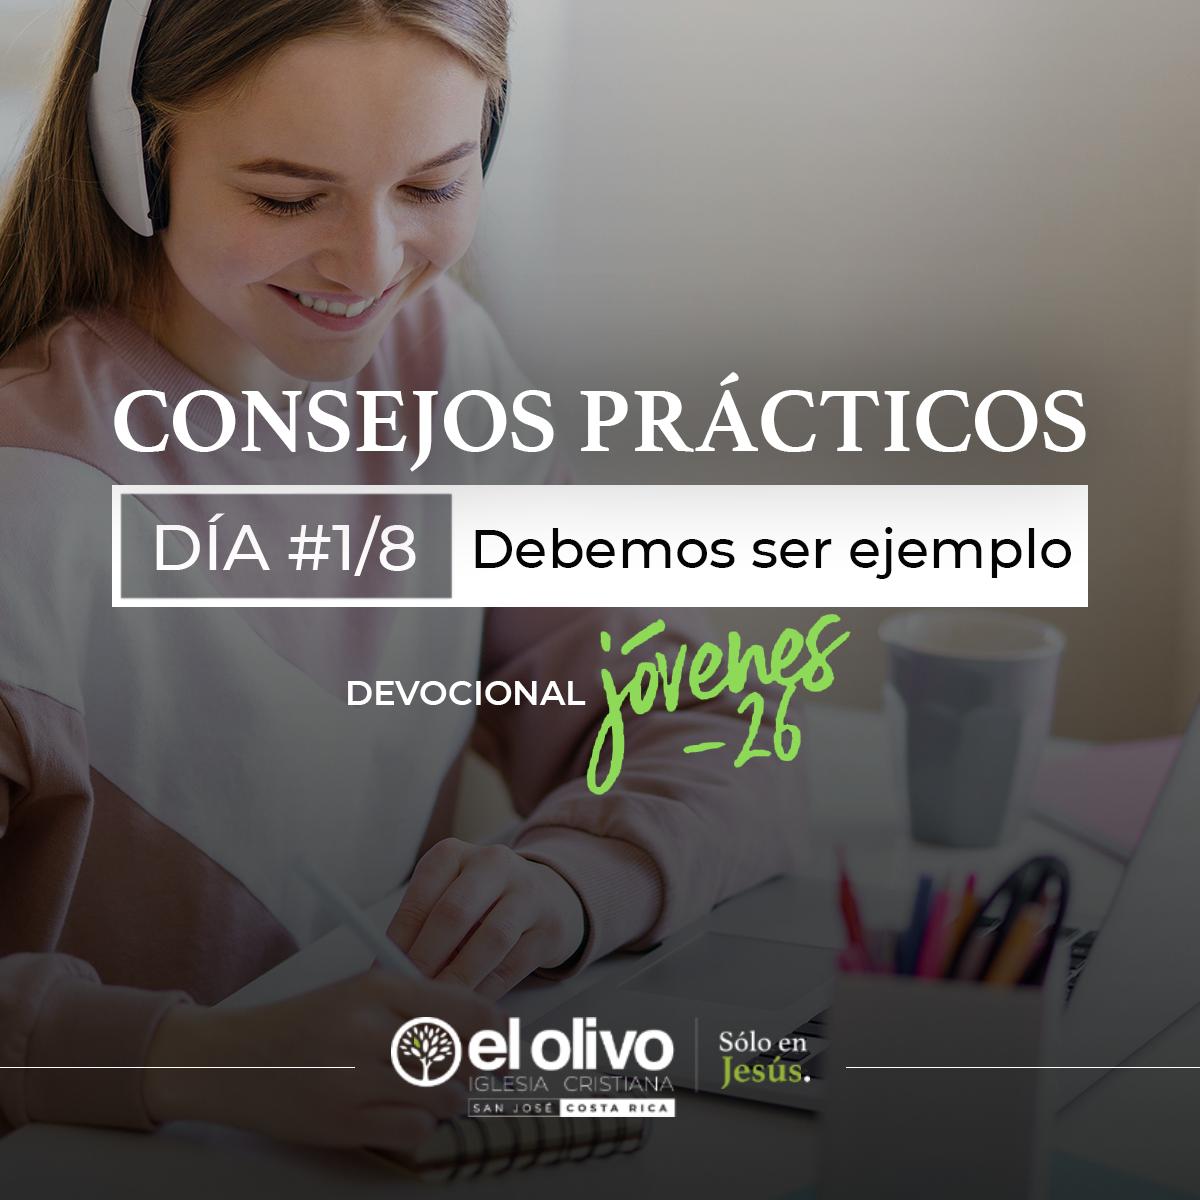 Devocional: Consejos Prácticos para Jóvenes - Día #1